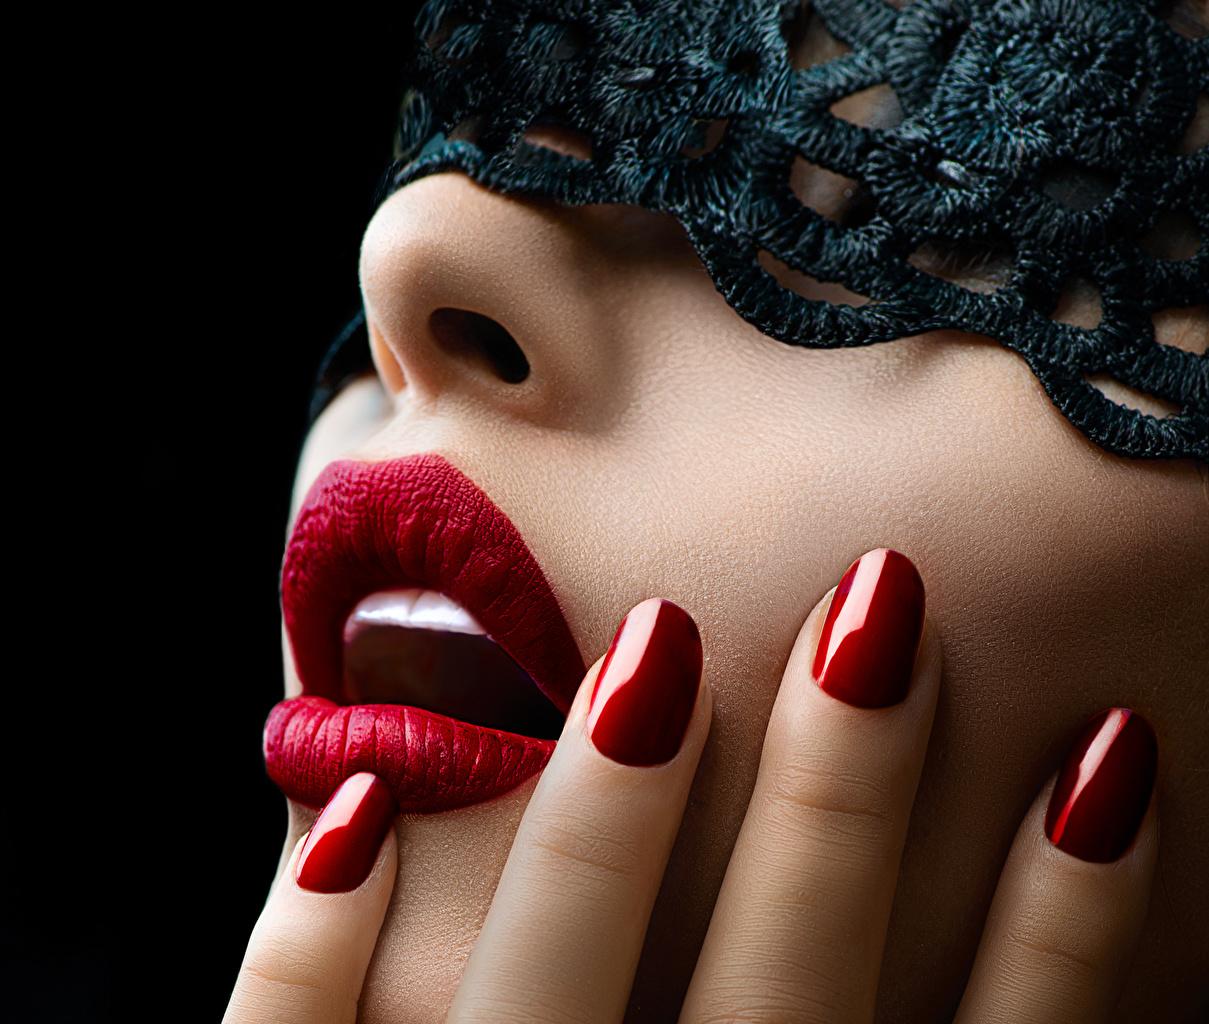 Fotos Maniküre Mädchens Finger Rote Lippen Großansicht Schwarzer Hintergrund junge frau junge Frauen